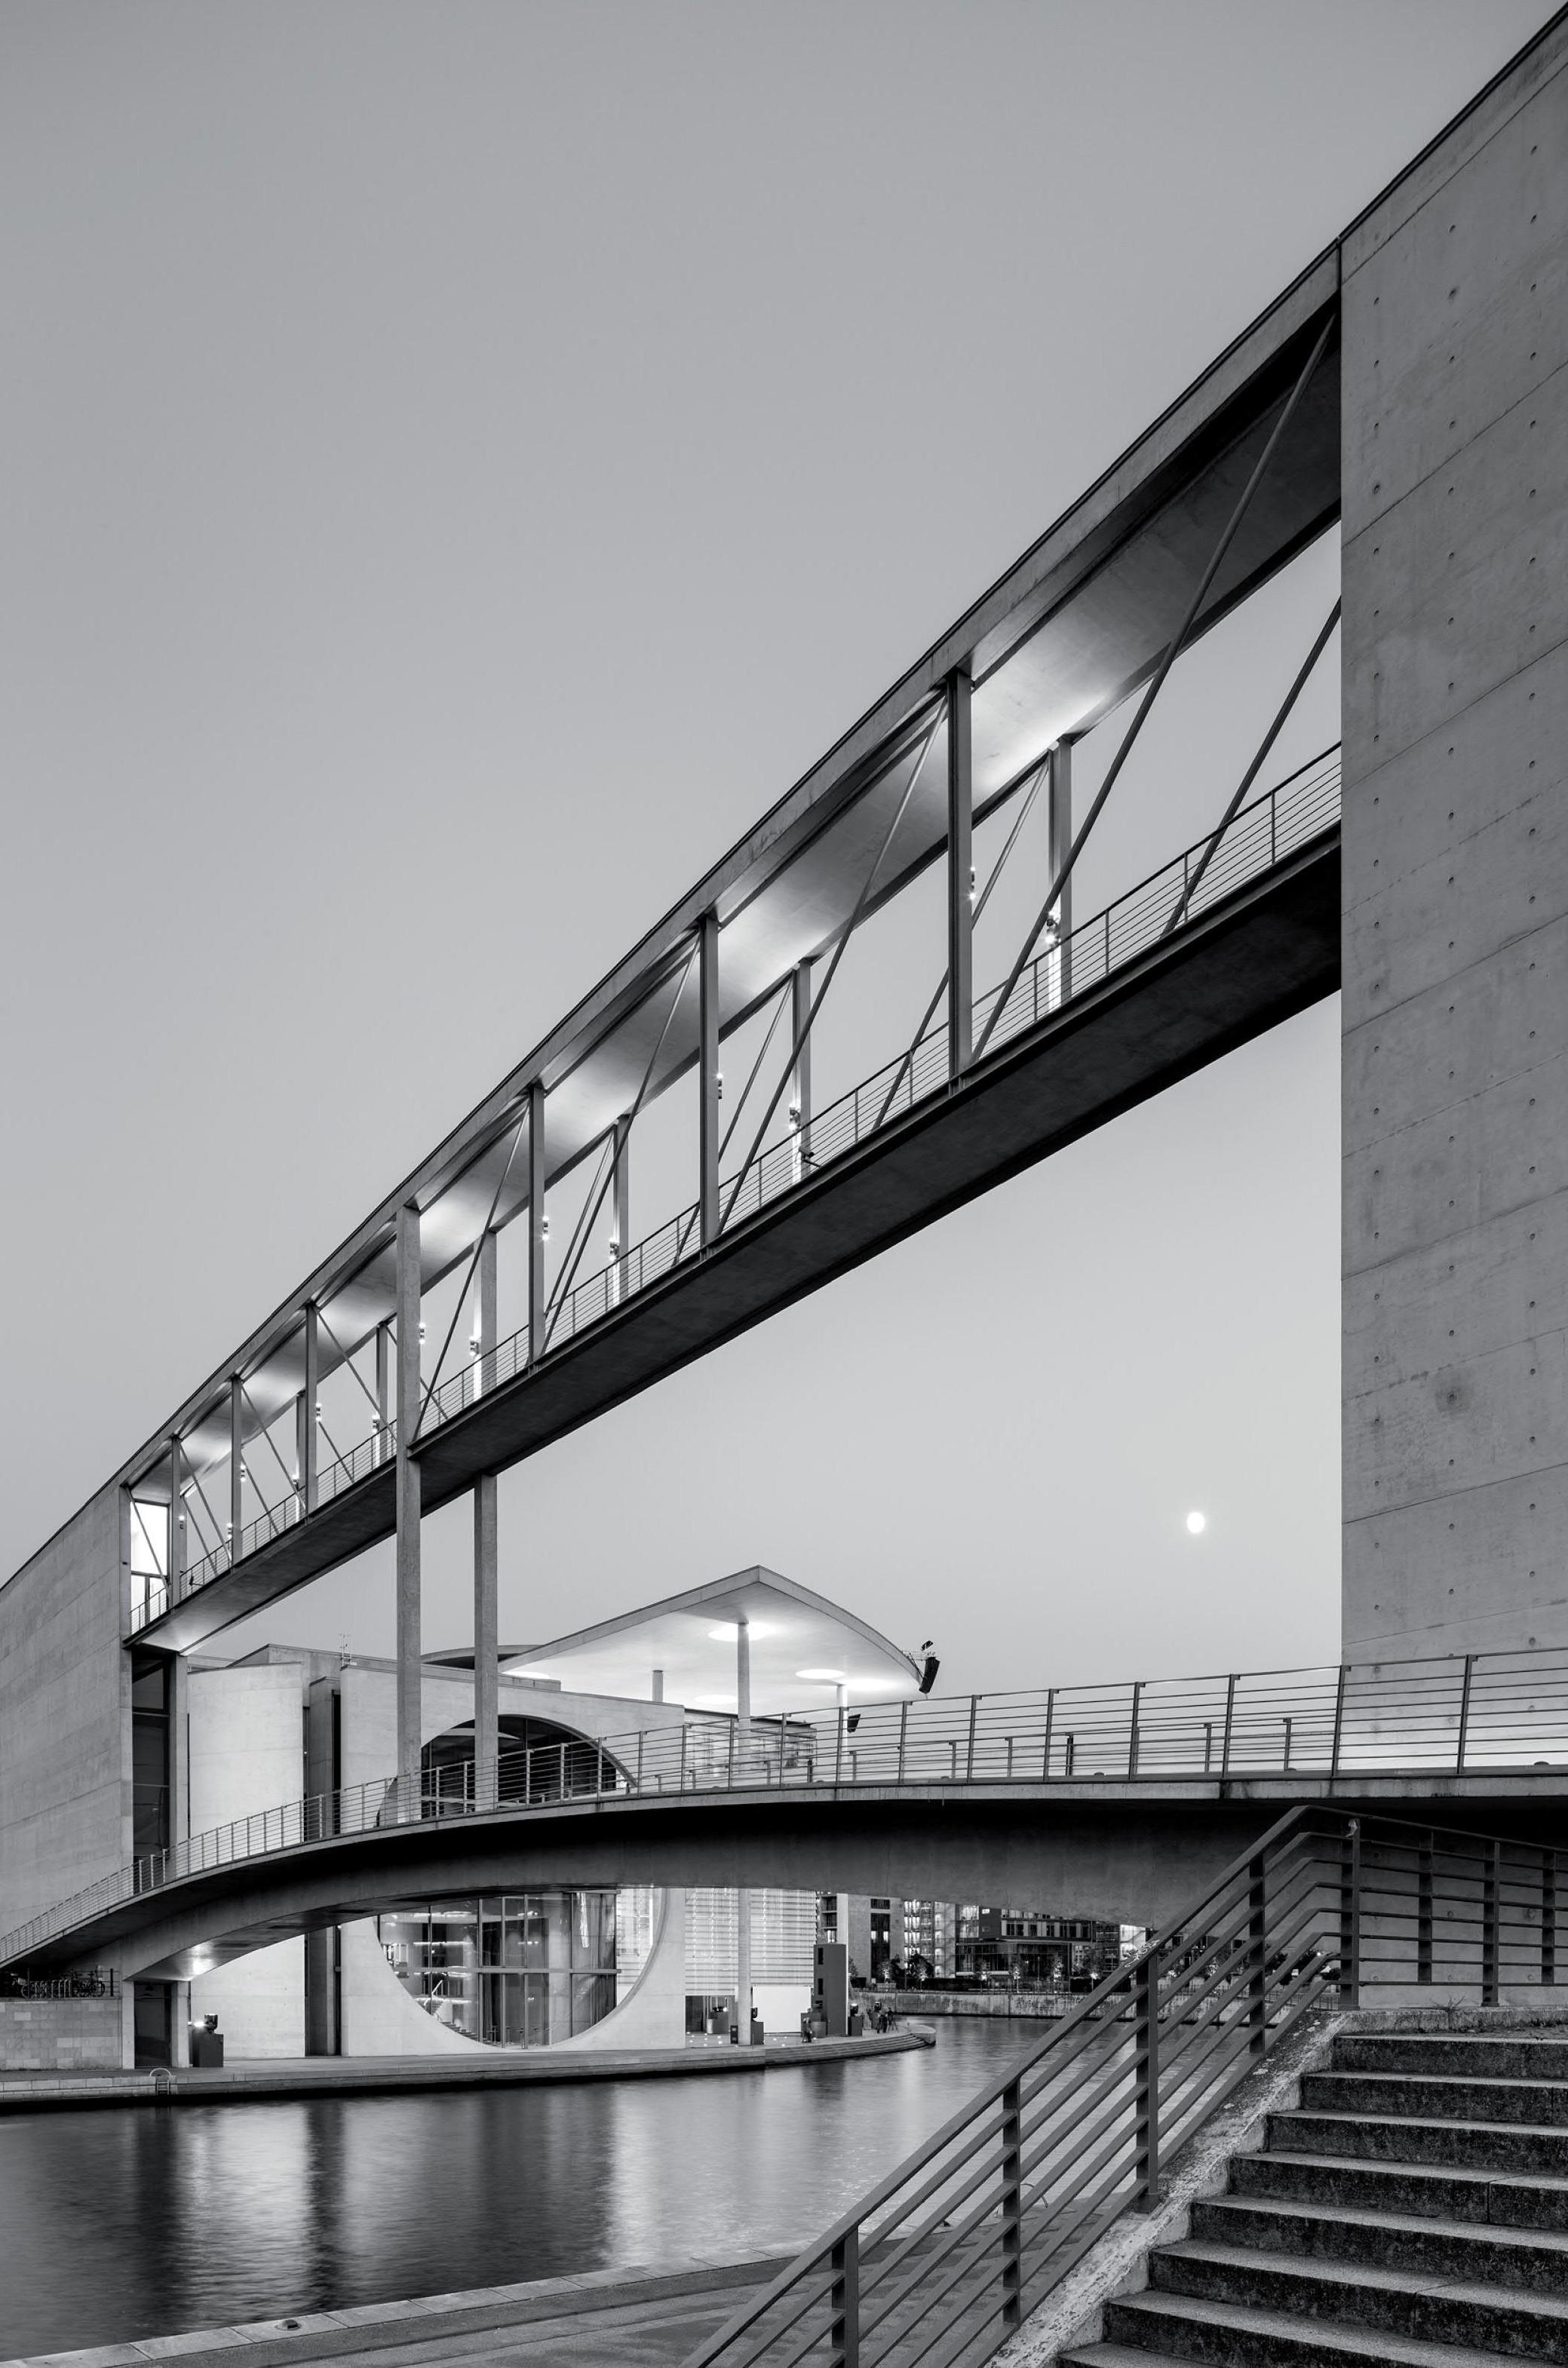 Fußgängerbrücke über die Spree am Bundestag in Berlin (Abgeordnetenbrücke)